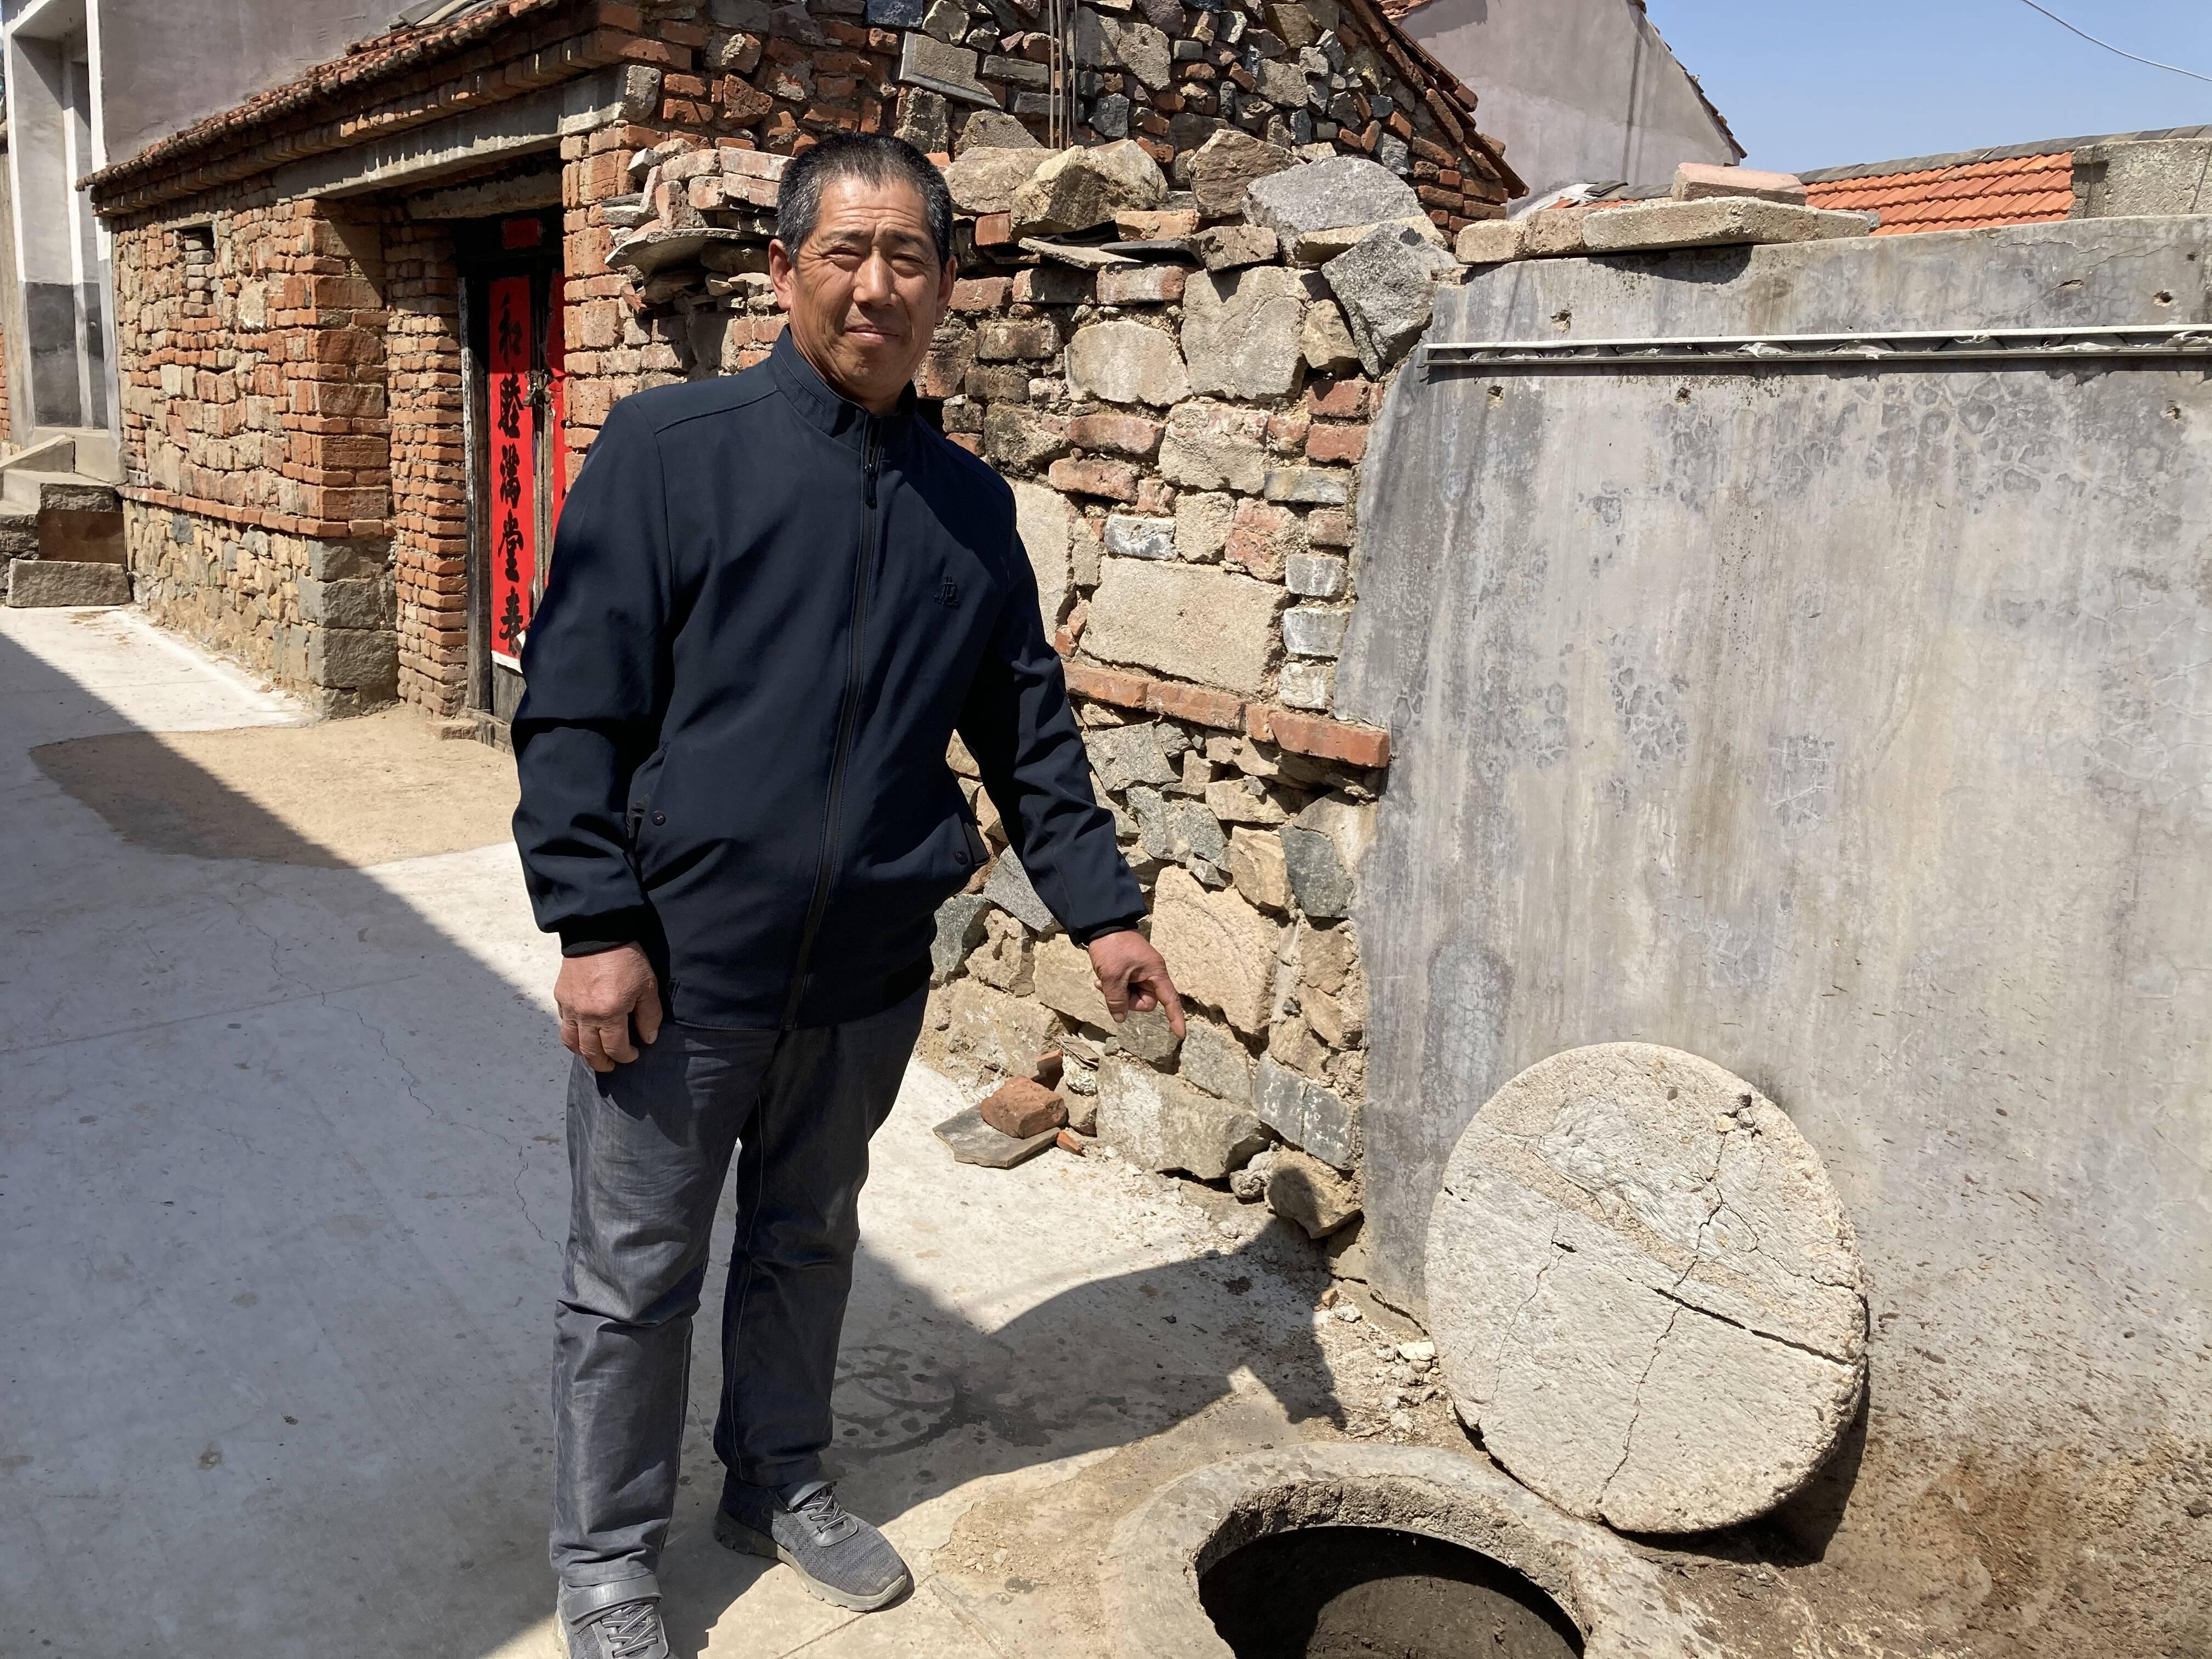 刘法强向记者介绍当时浸湿毯子的猪尿池。